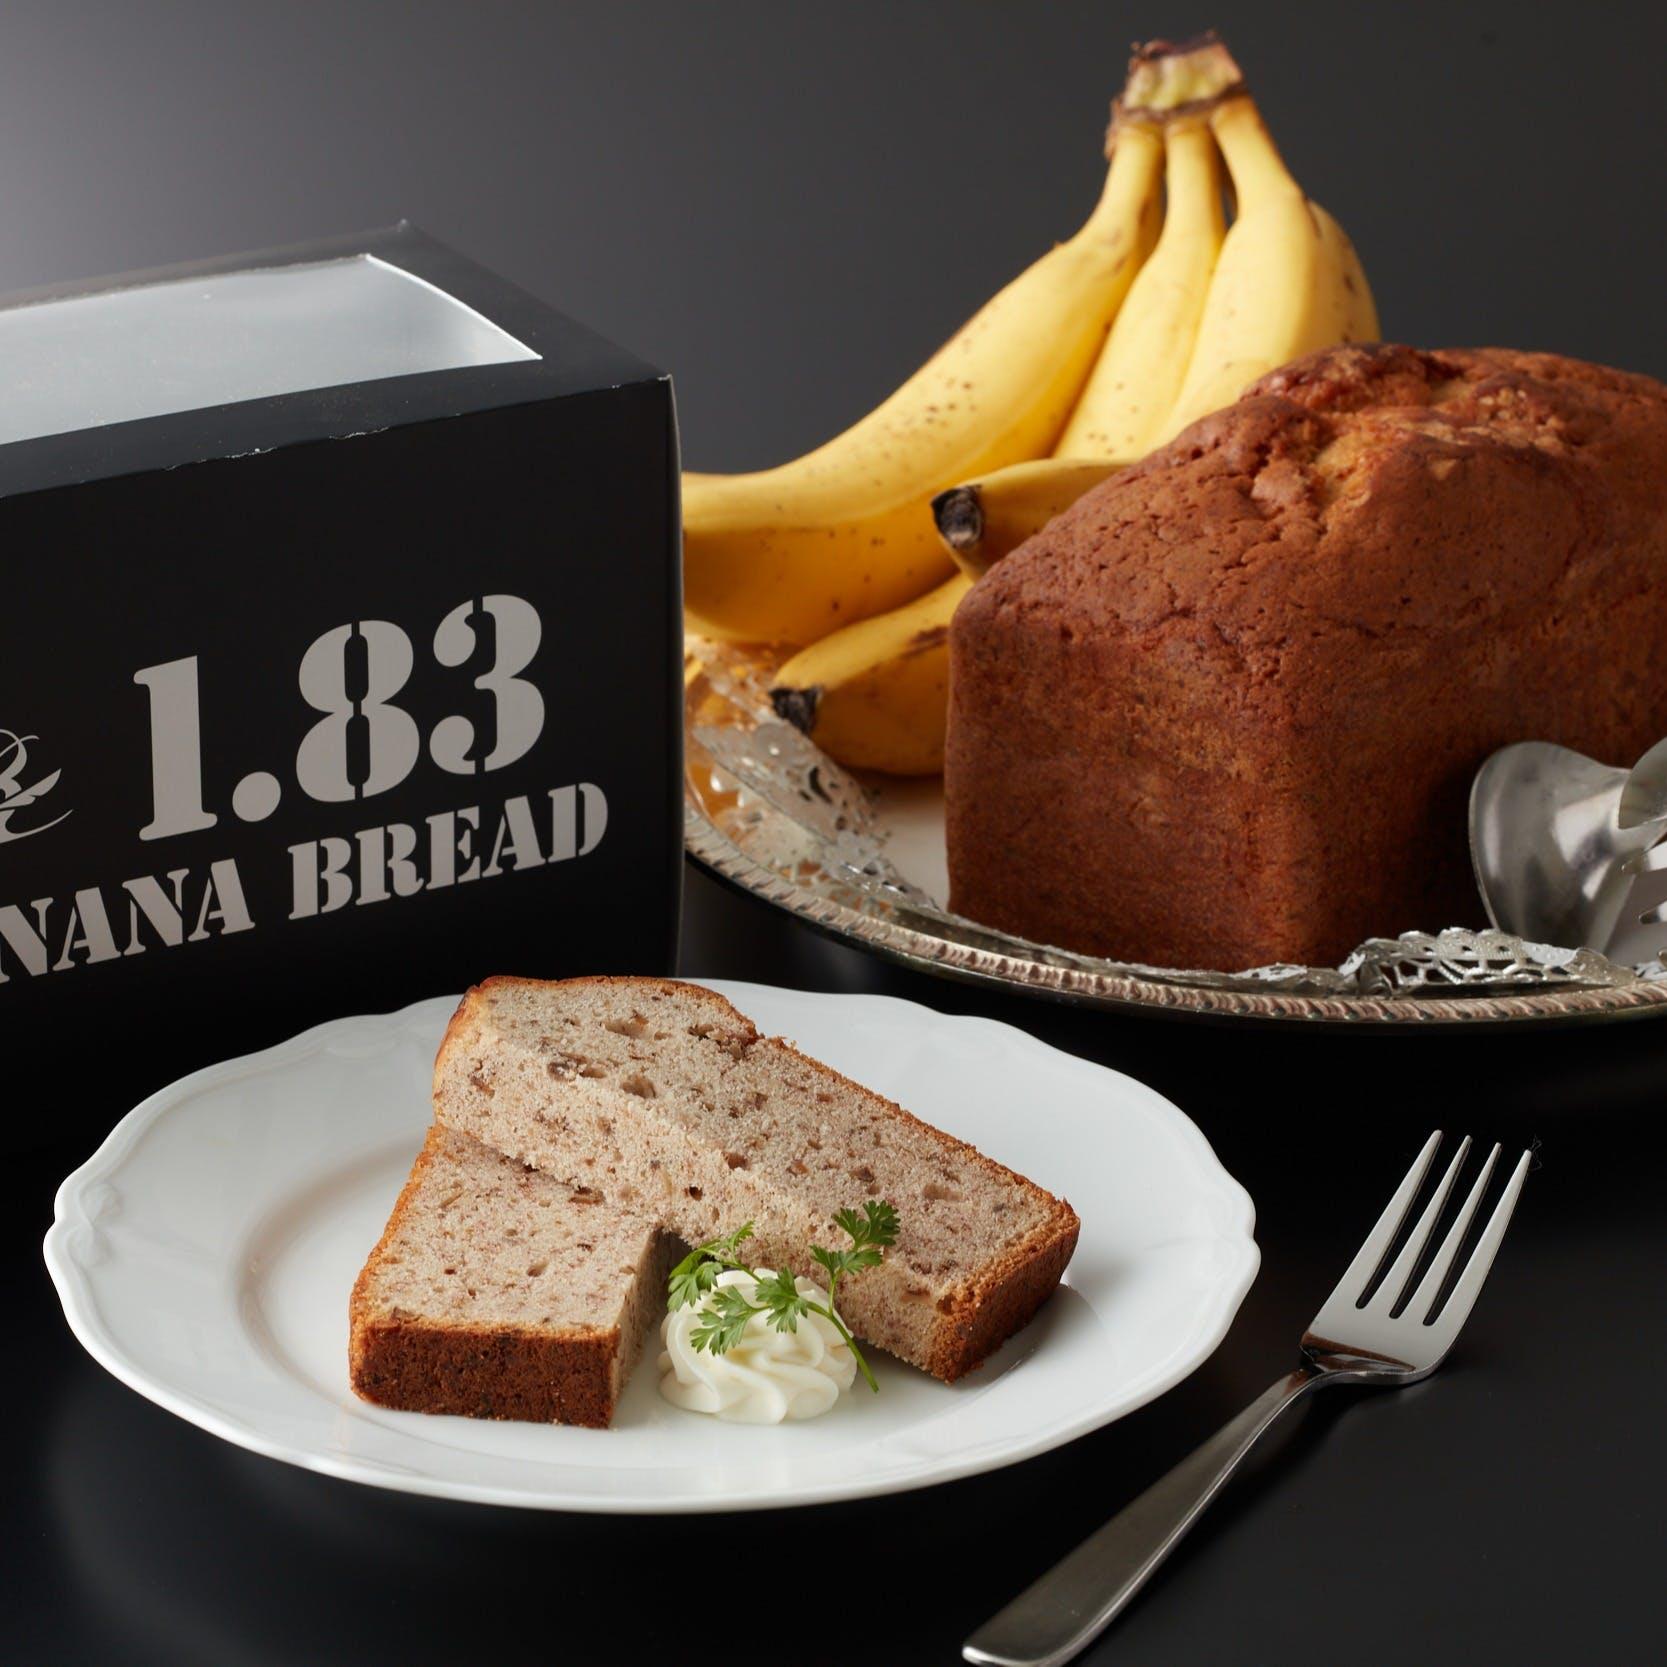 レンブラントホテル限定!1.83バナナブレッド